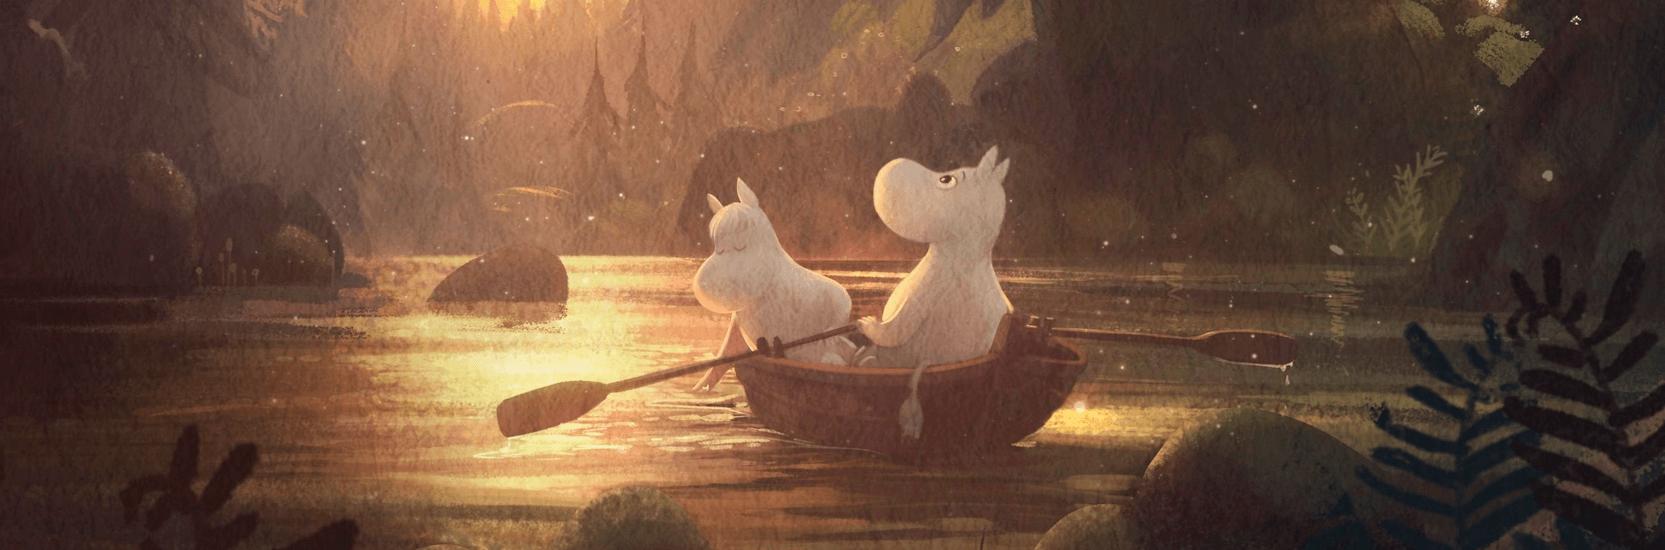 """Un financement participatif pour la nouvelle série """"Moomin"""" !"""